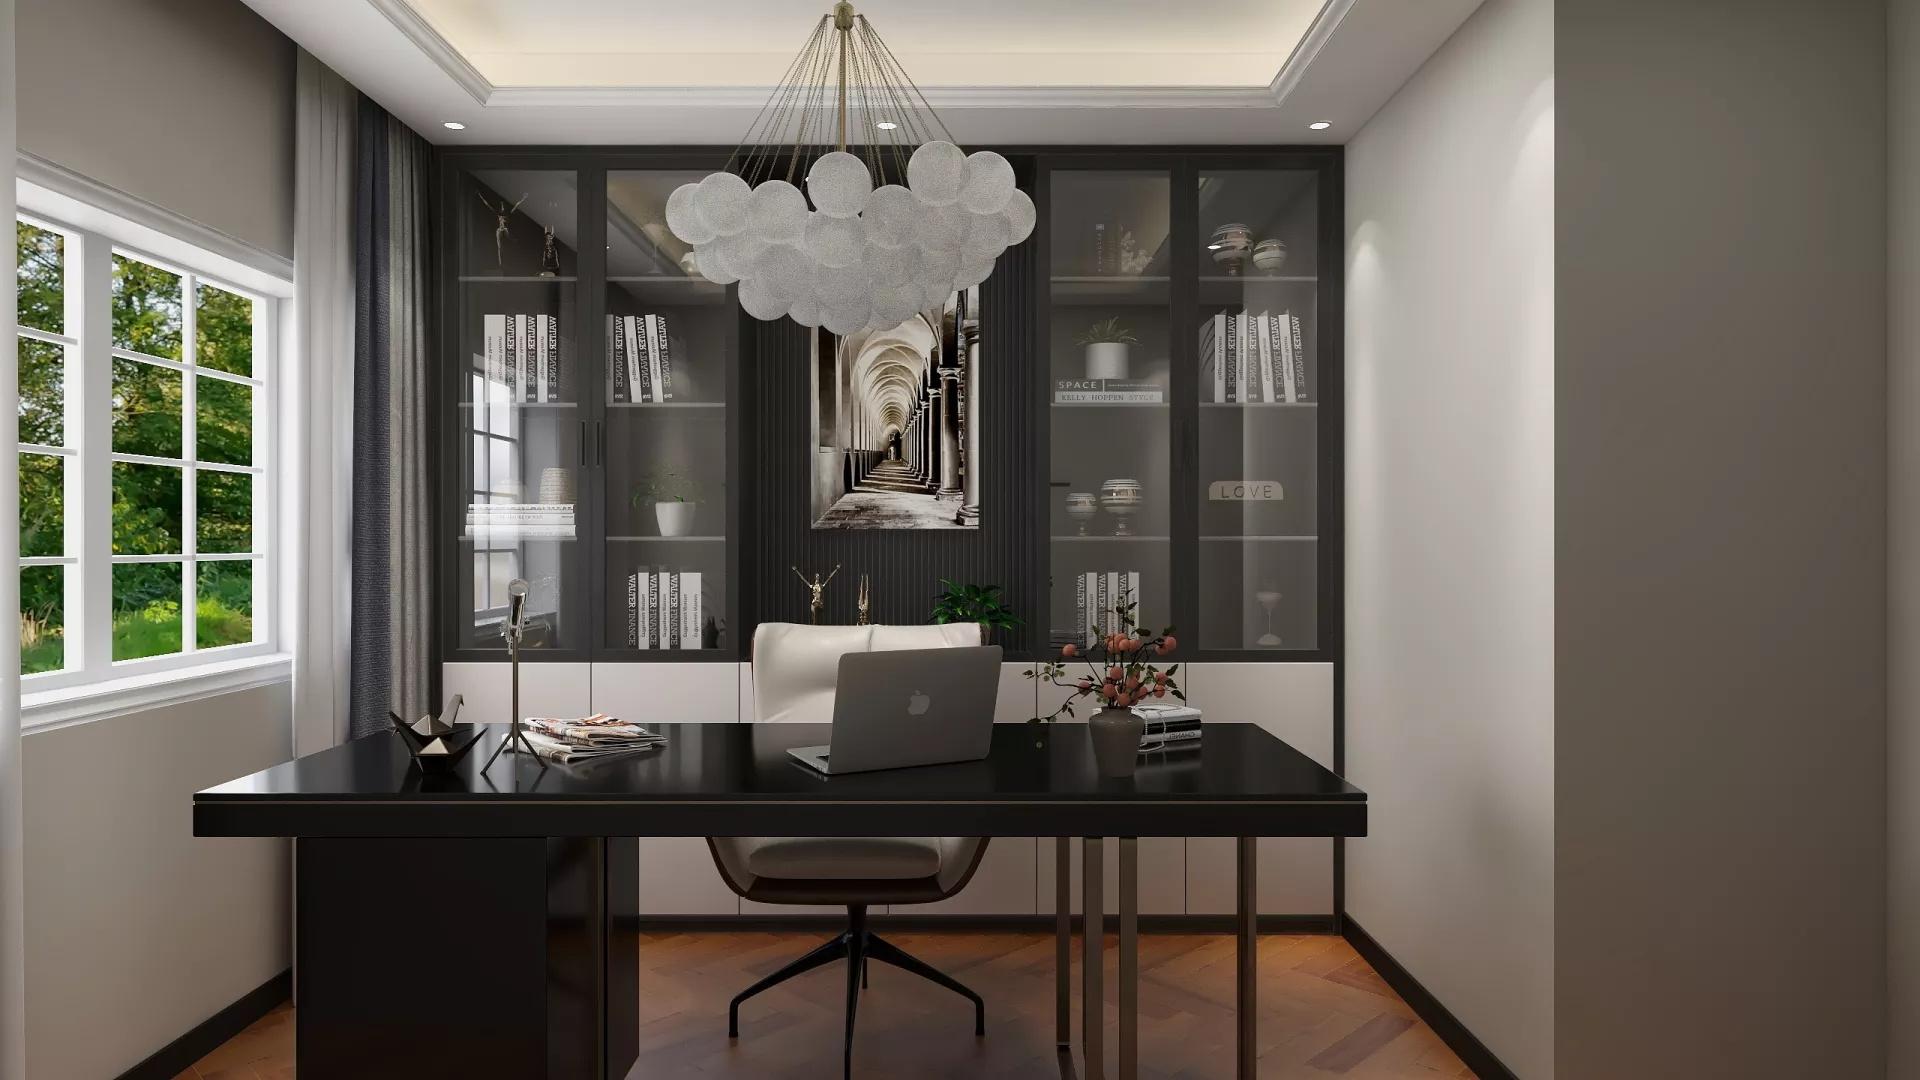 温馨舒适北欧风格客厅装修效果图